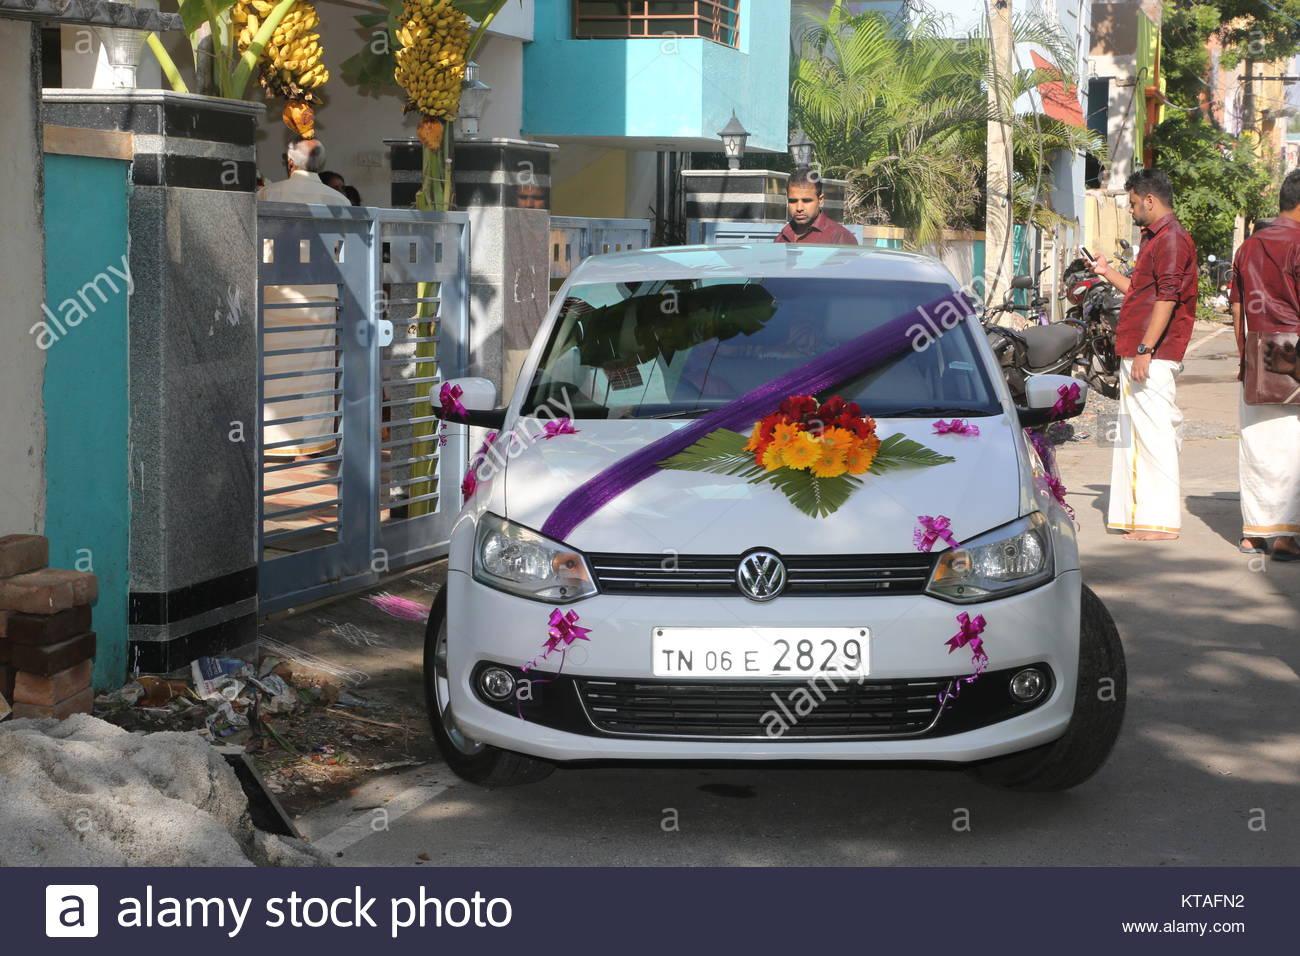 Decorated Wedding Car Stock Photos Decorated Wedding Car Stock